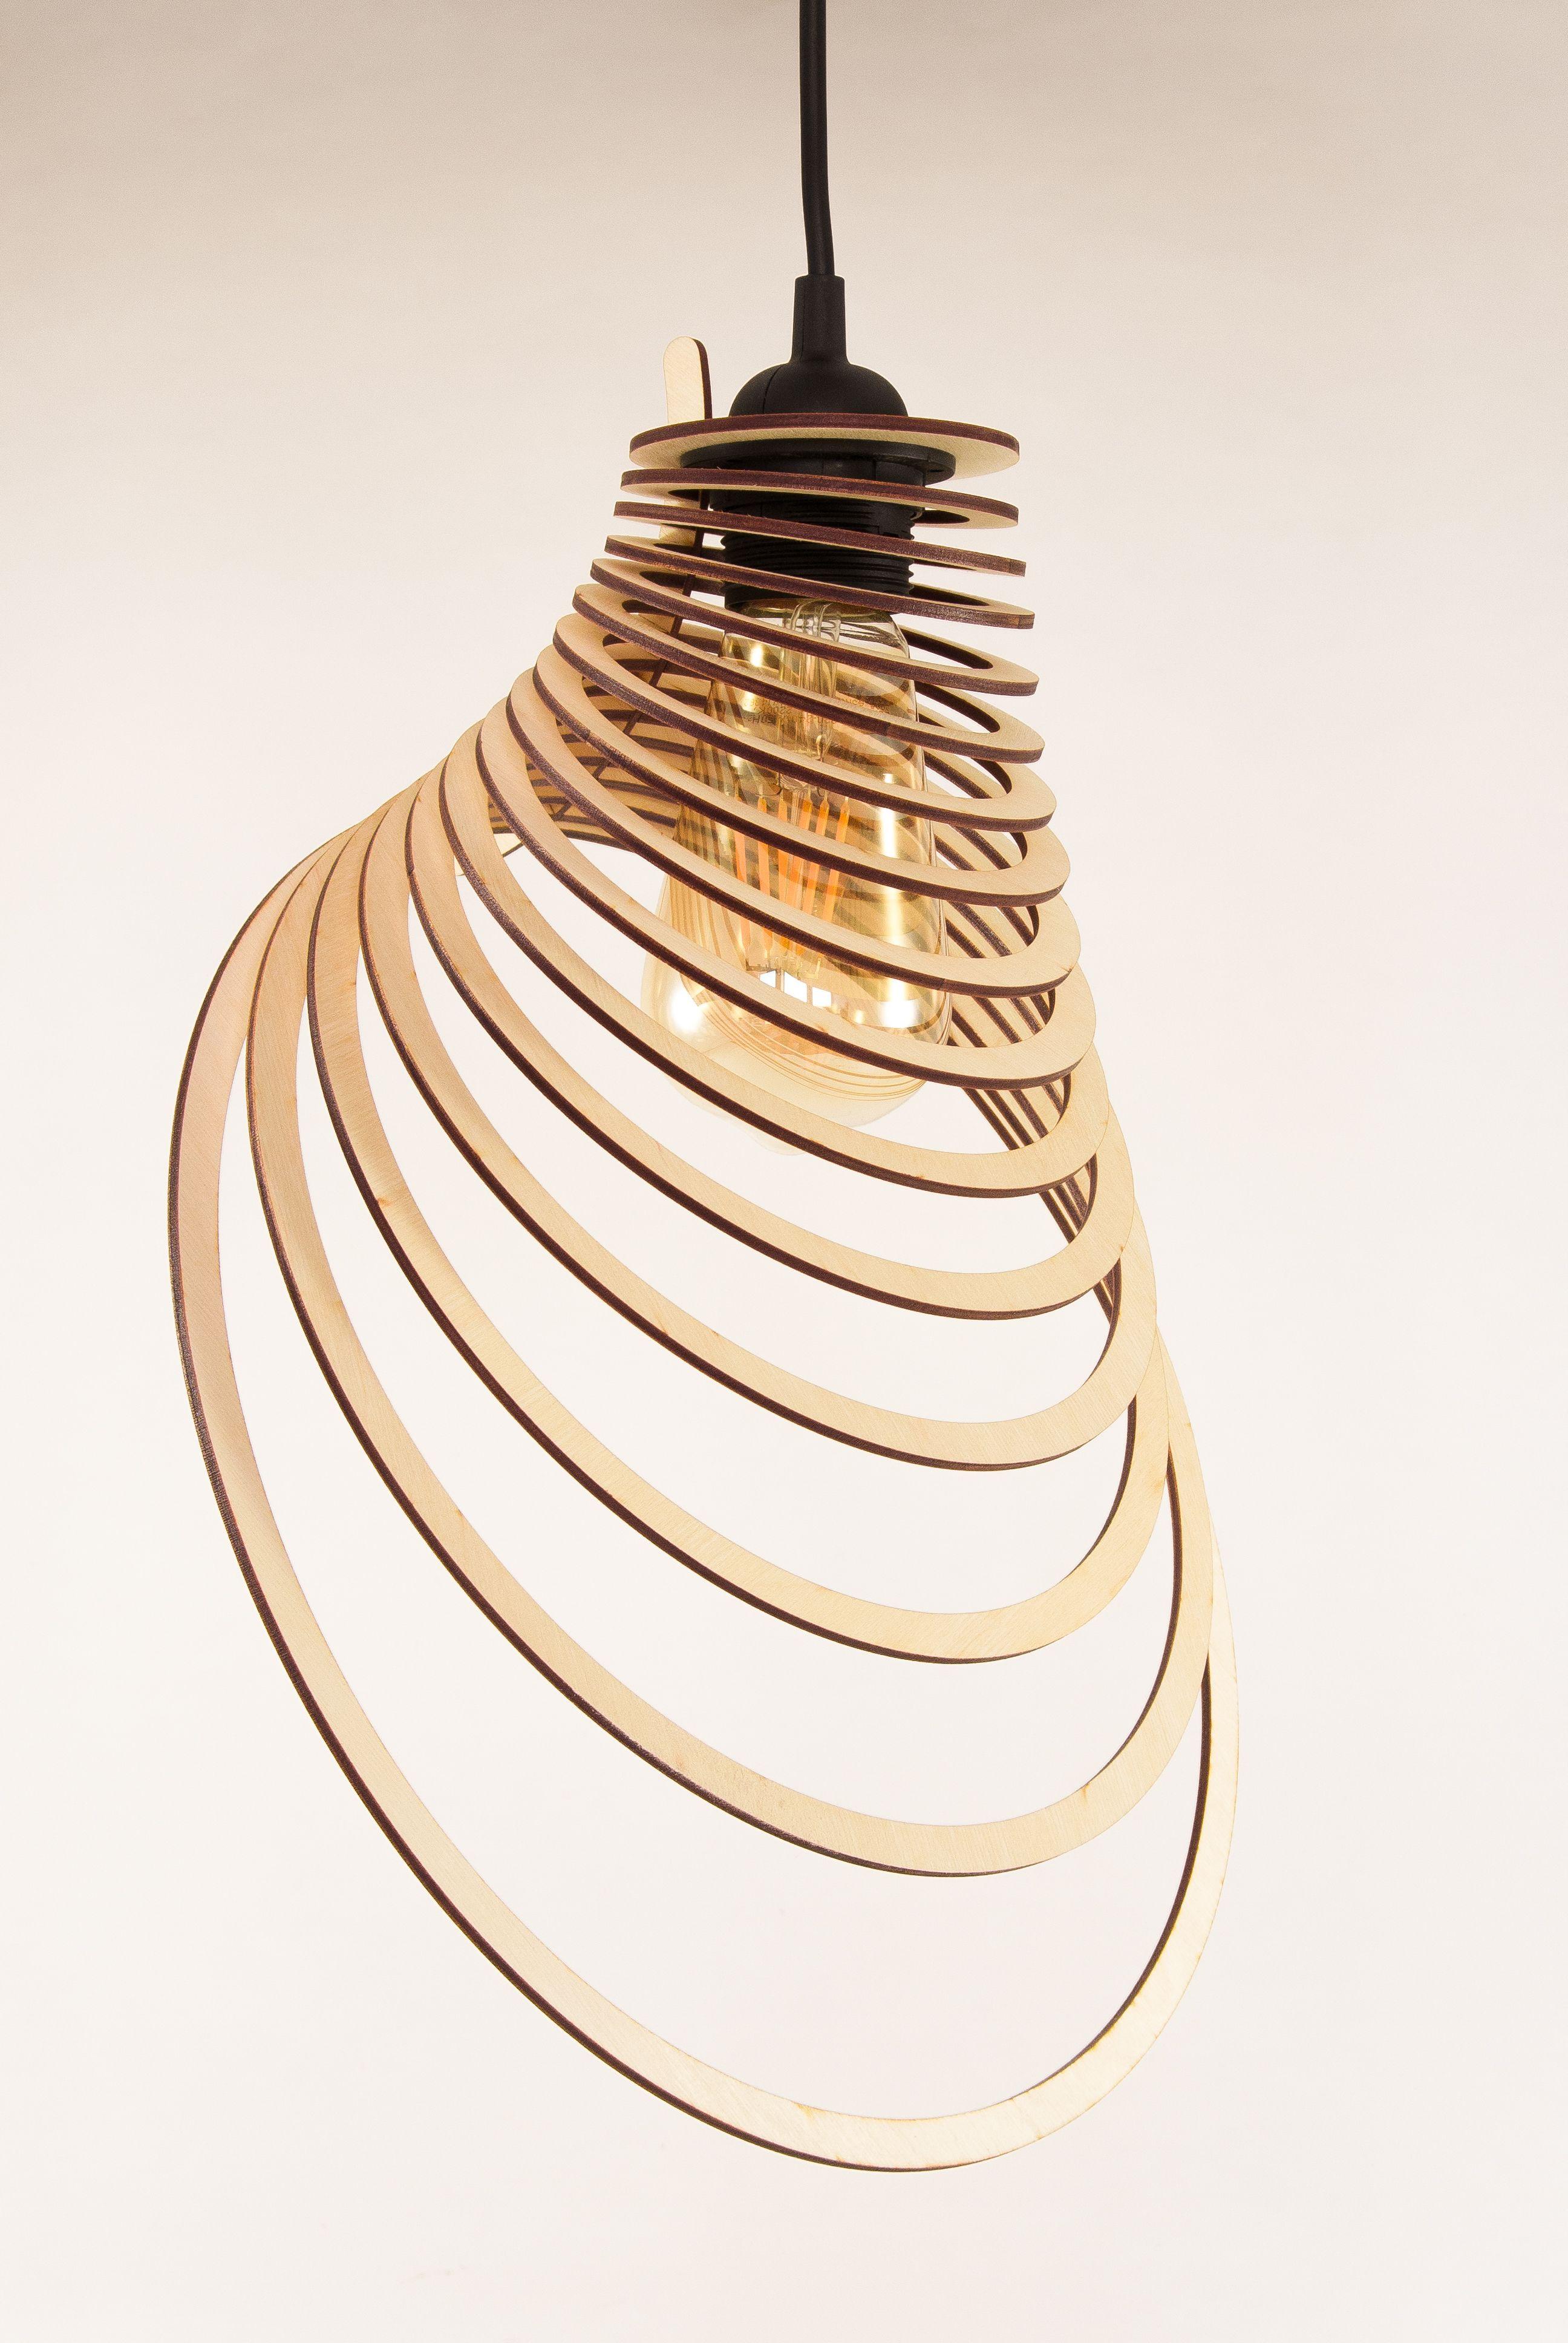 Wooden Lamp Shade   Wood Lamp   Hanging Lamp   Pendant ...